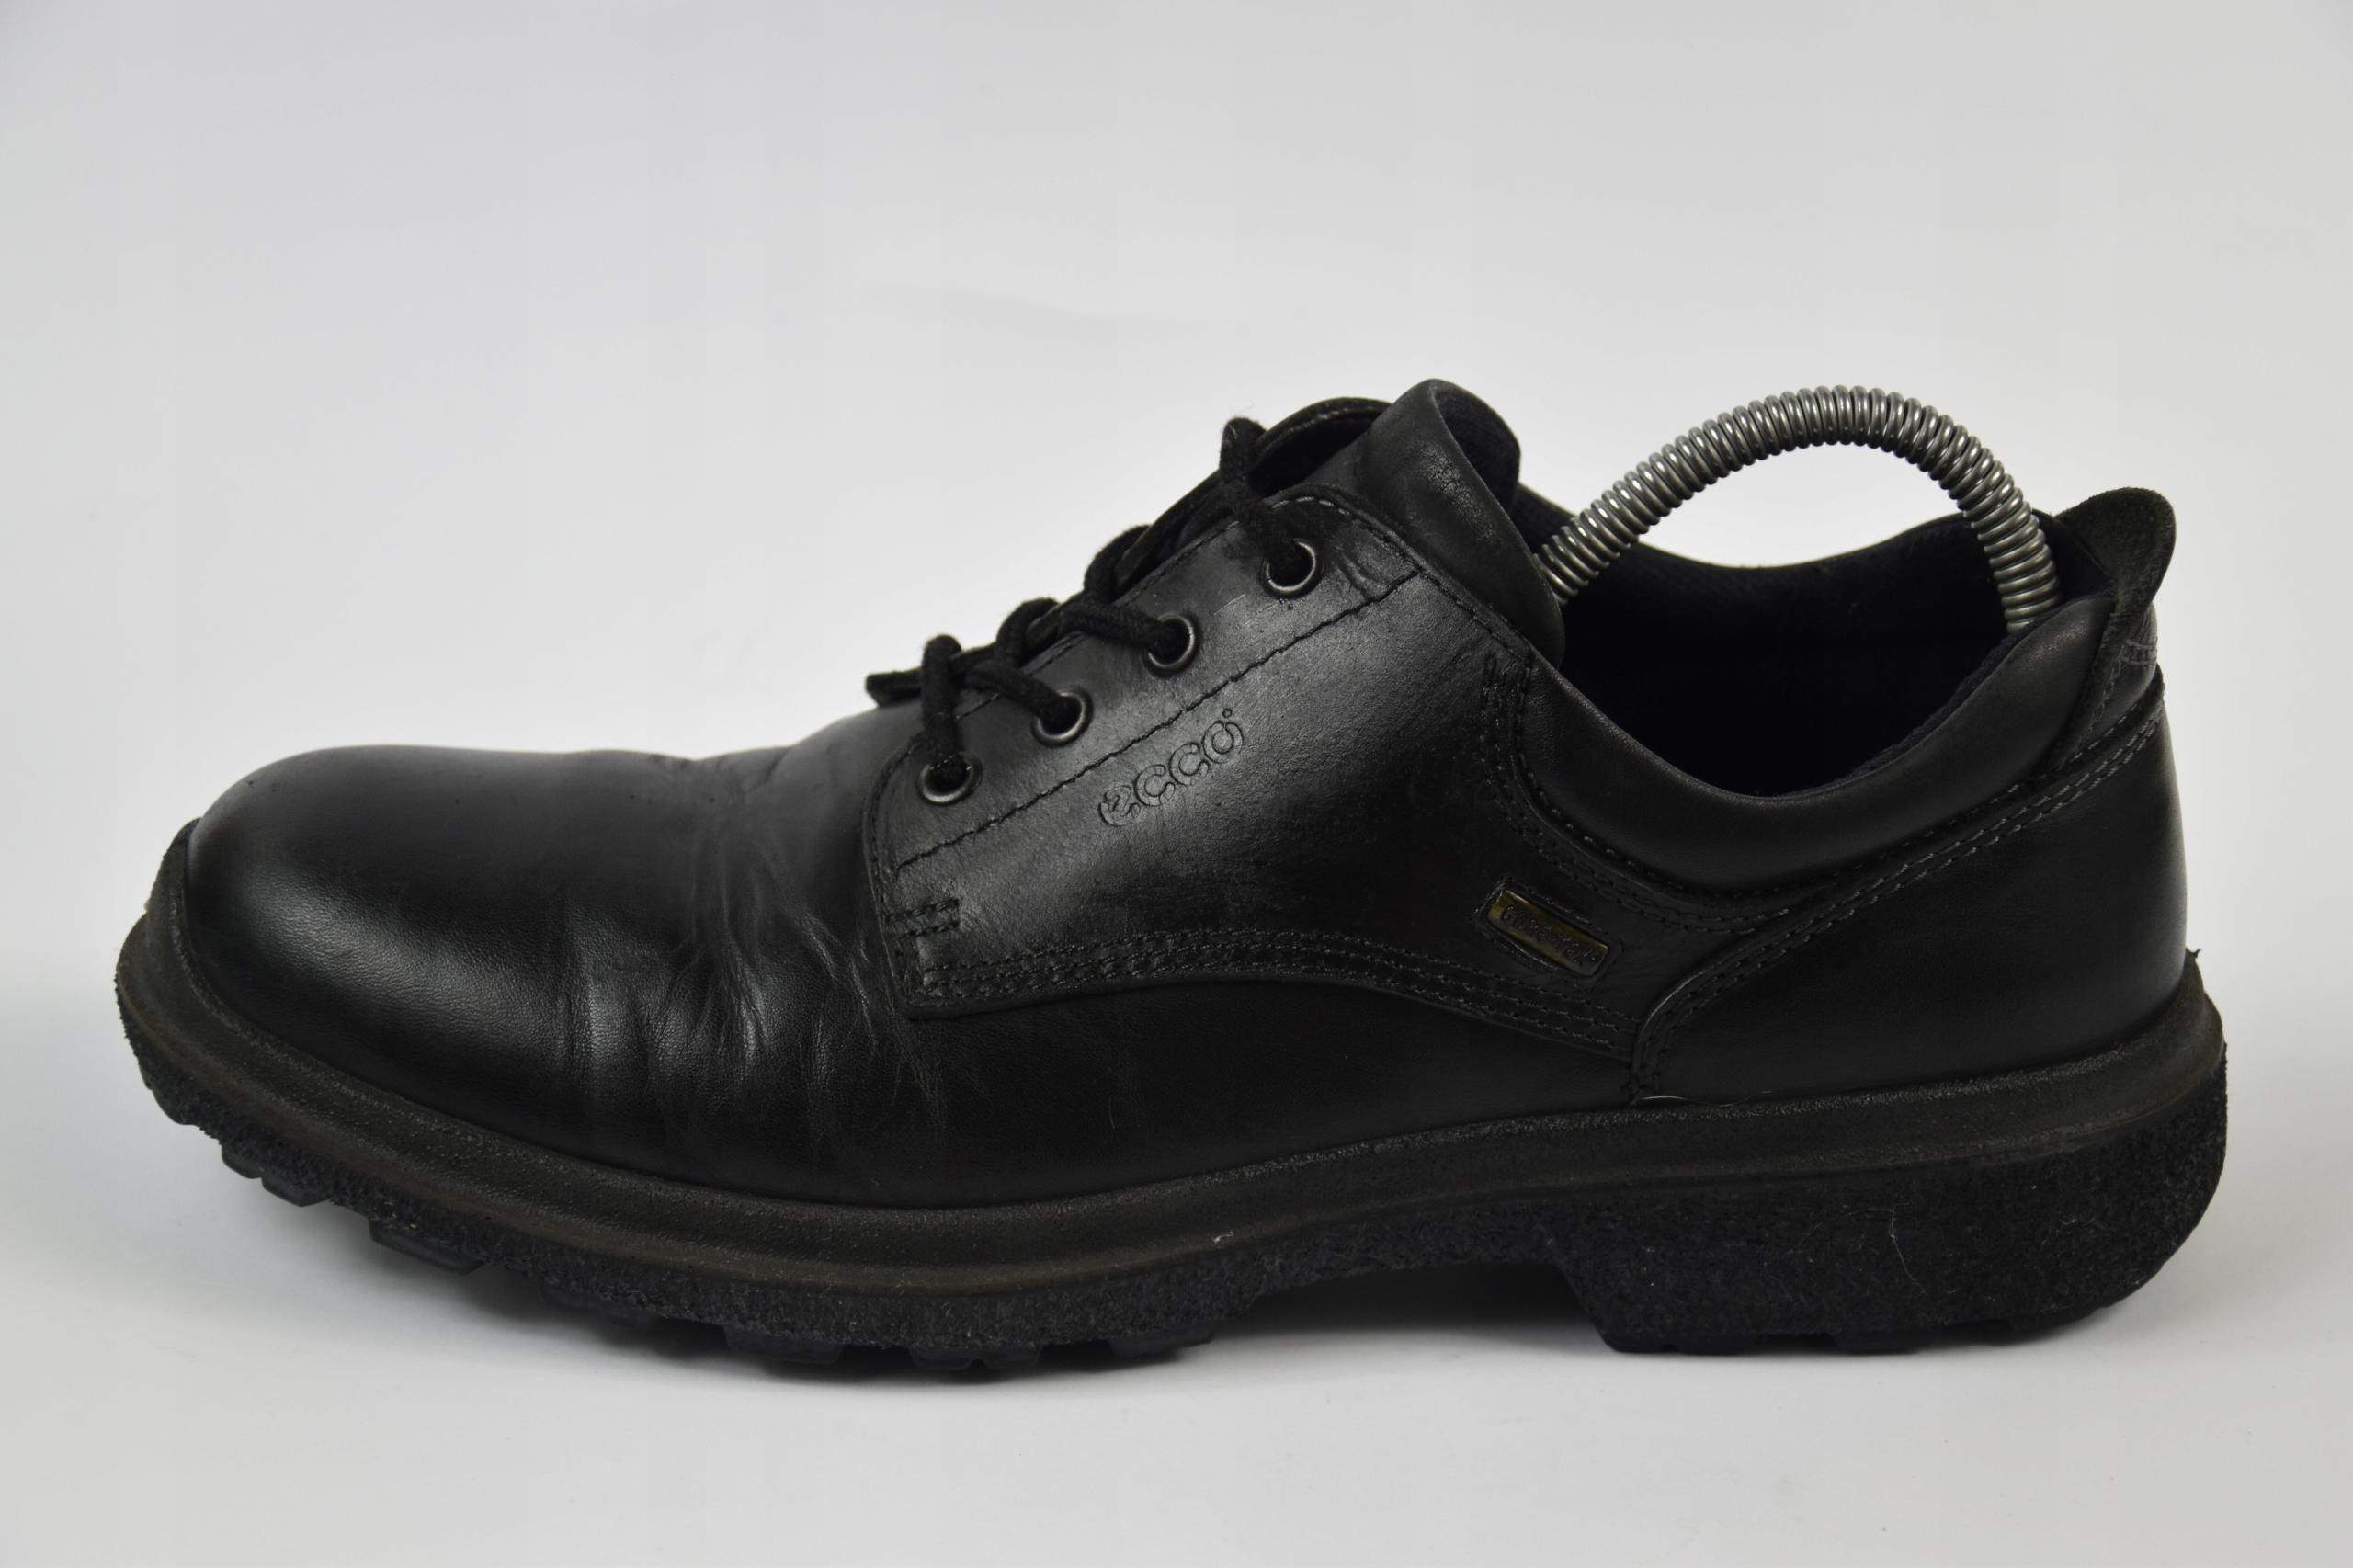 Ecco gore-tex buty skórzane r.46/29cm